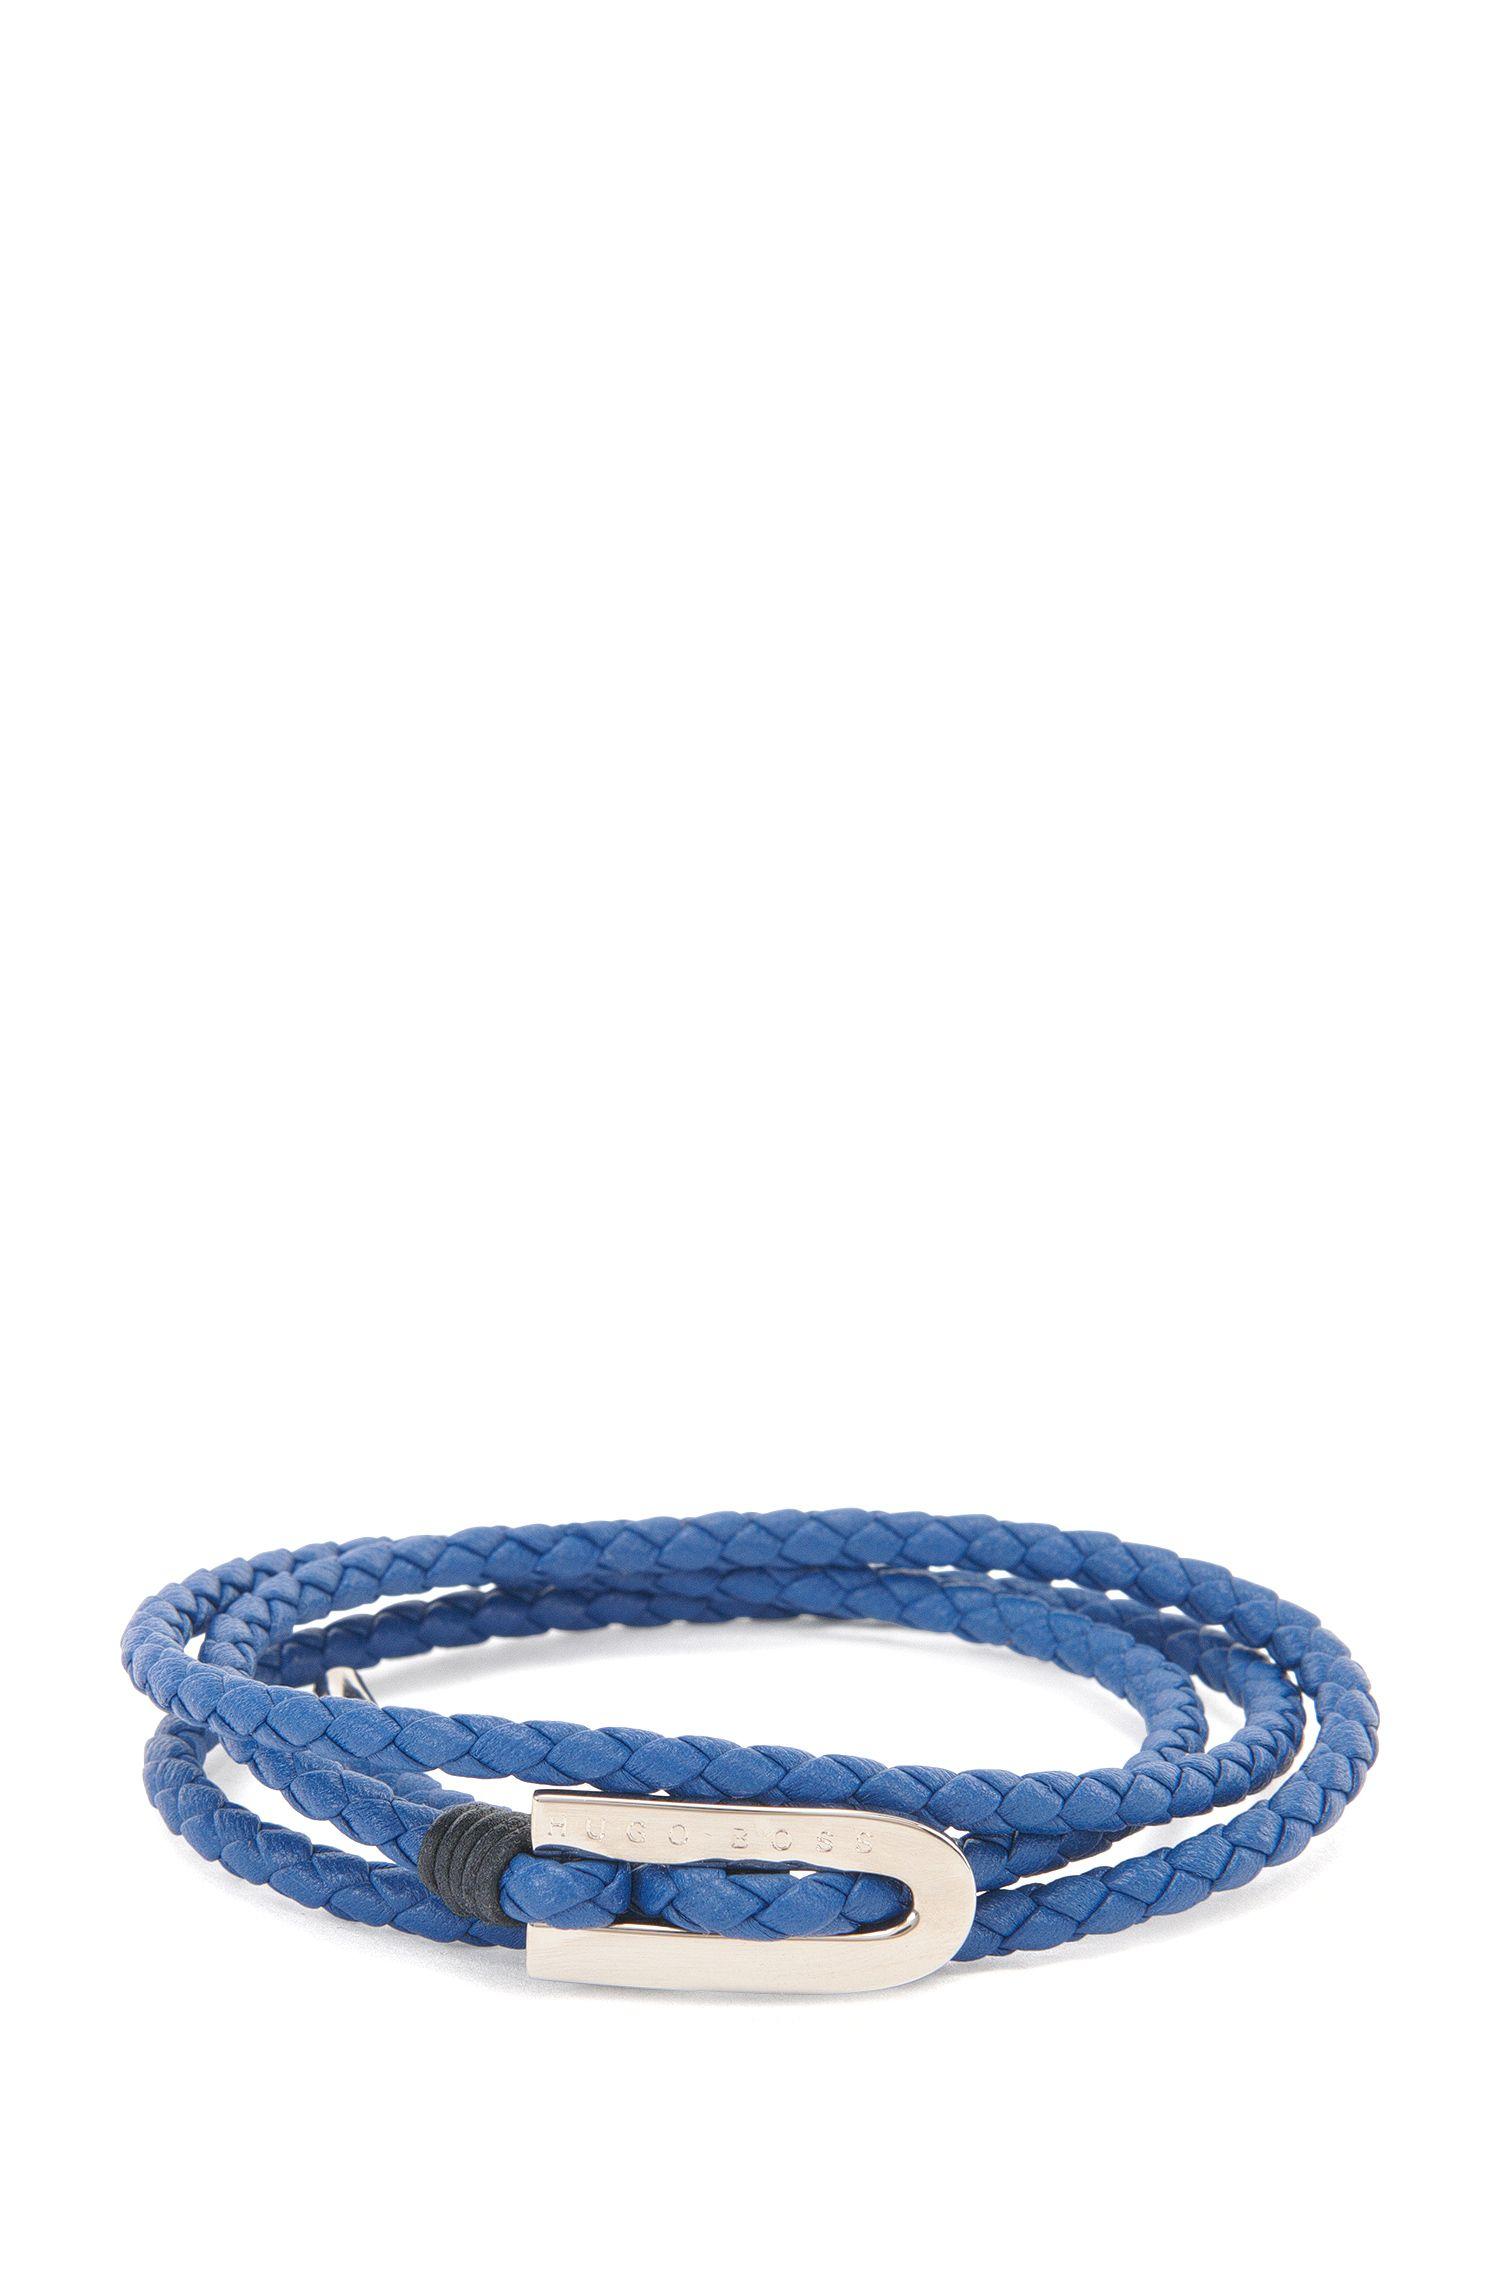 'Barney' | Calfskin Braided Bracelet